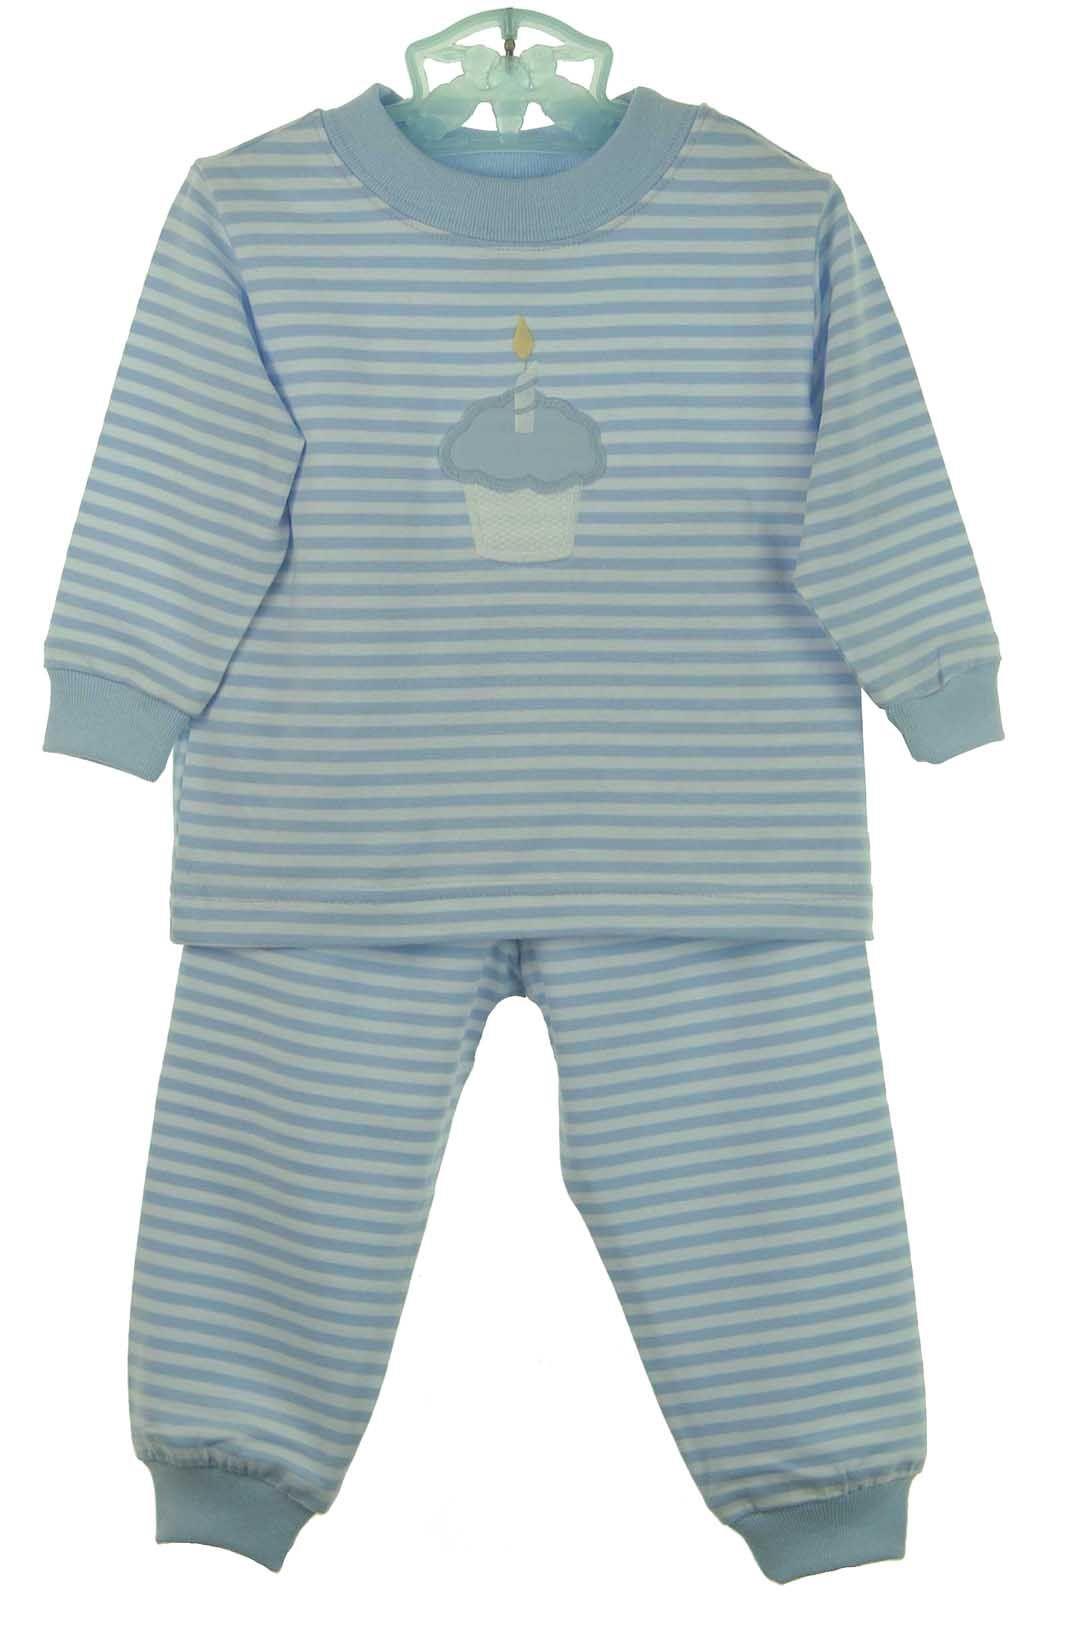 a157ca9997 NEW Bailey Boys Light Blue Striped Pajamas with Cupcake Applique  50.00